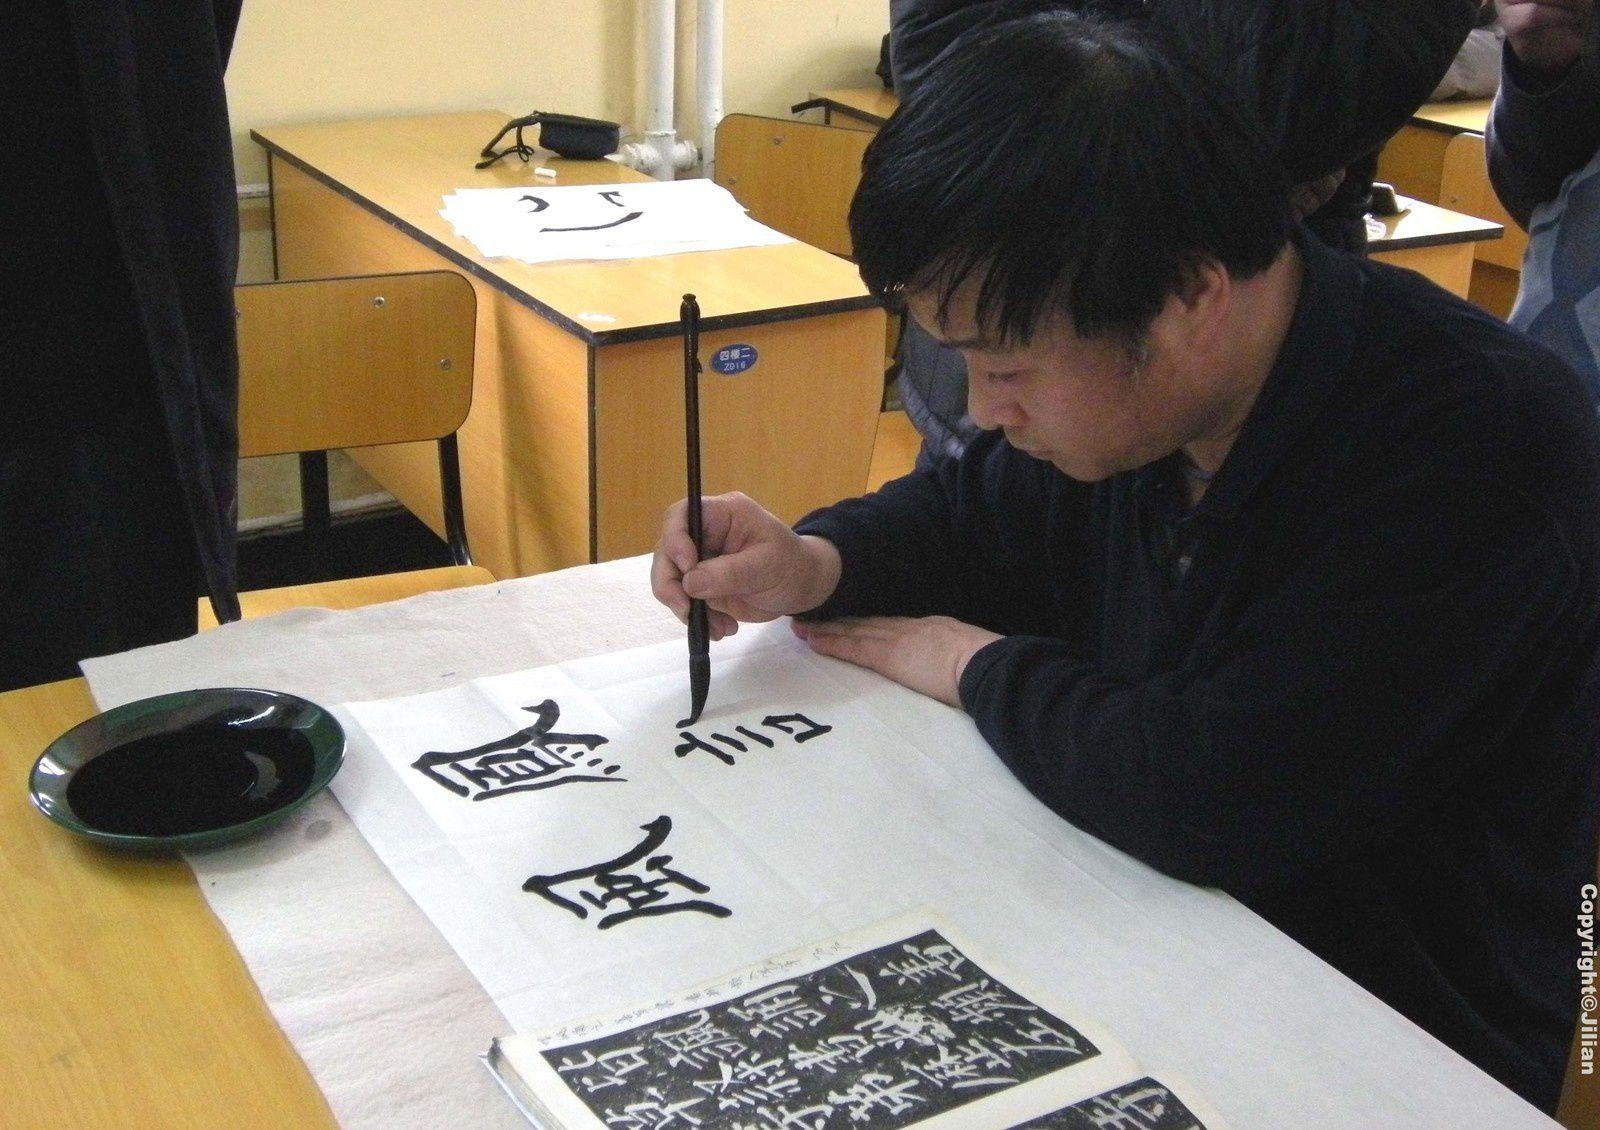 A l'école de calligraphie de Pékin - 北京书法学校, il y a quelques années (cela n'existe plus maintenant) des cours étaient organisés le dimanche pour les amateurs. J'étais la seule femme et la seule étrangère à assister au cours. L'école n'est maintenant ouverte qu'aux étudiants..